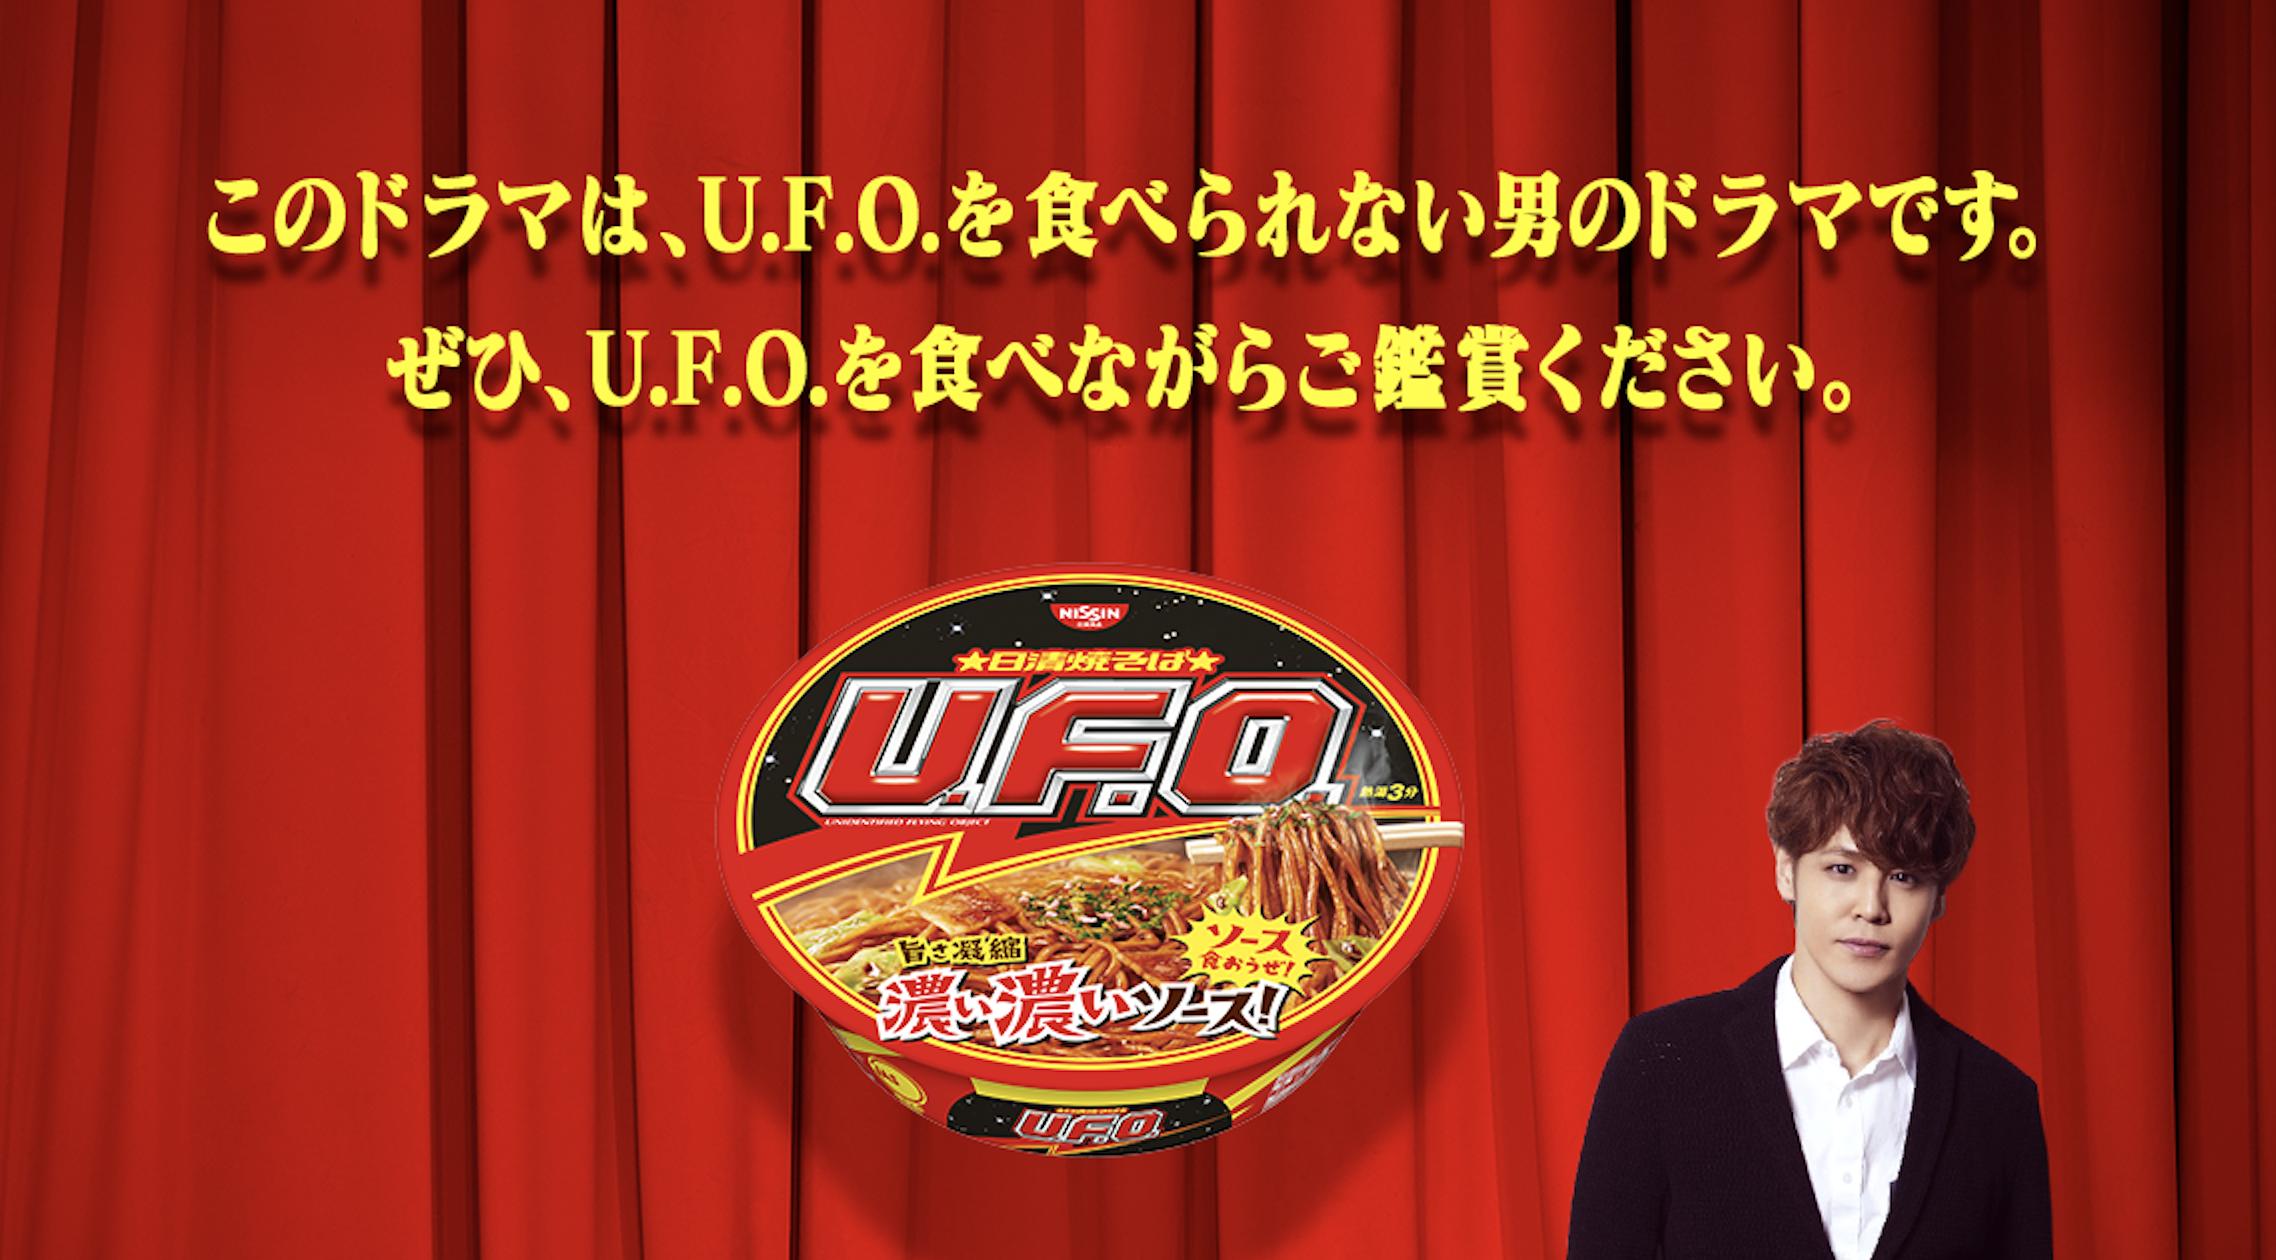 宮野真守さんが「日清焼そばU.F.O.」を食べたいけど食べらない悲劇の男を演じる!ワンカメラ長回しドラマ配信決定